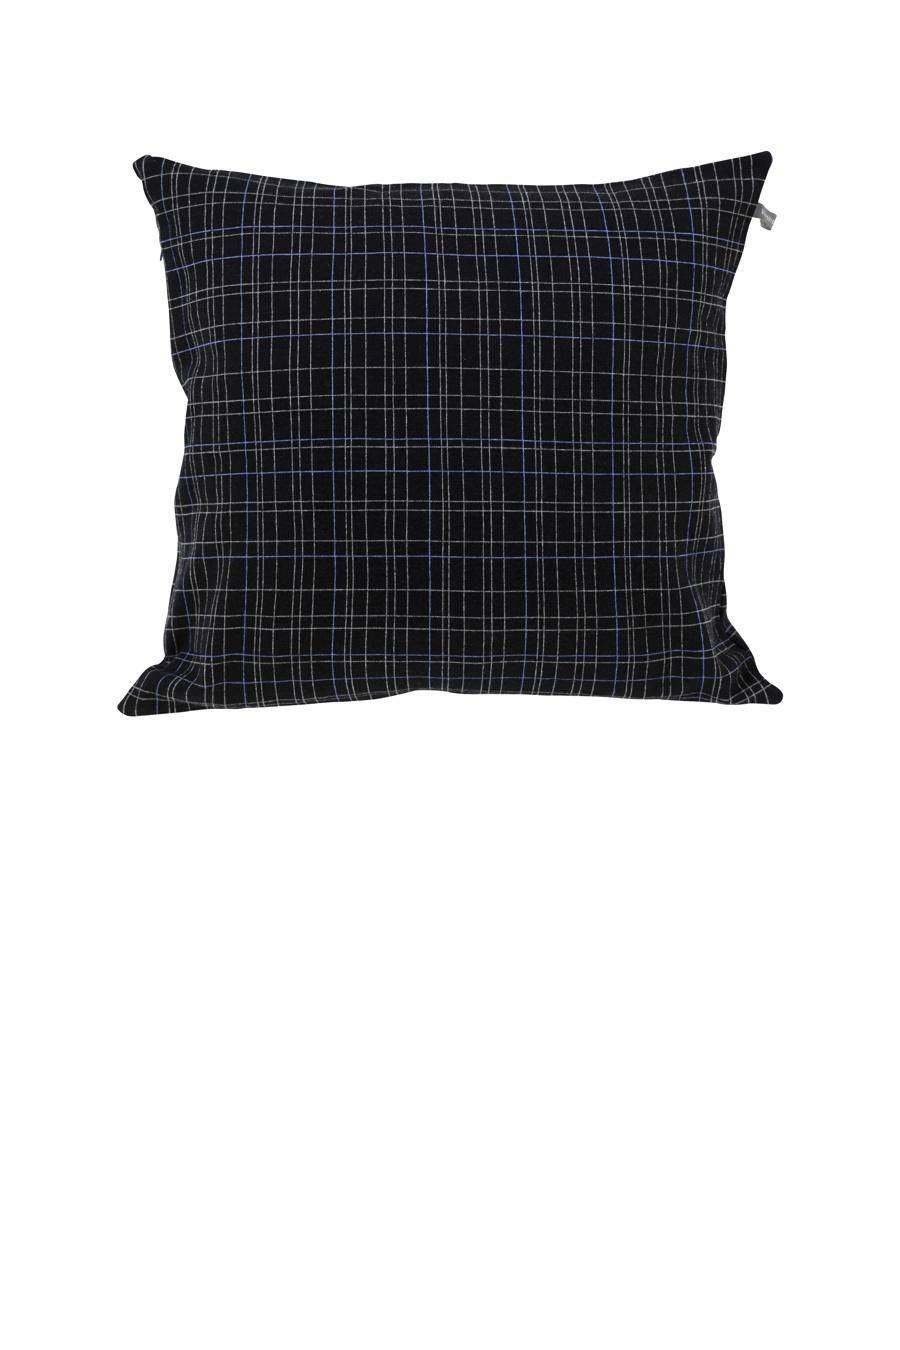 Cikoria Pillow Case